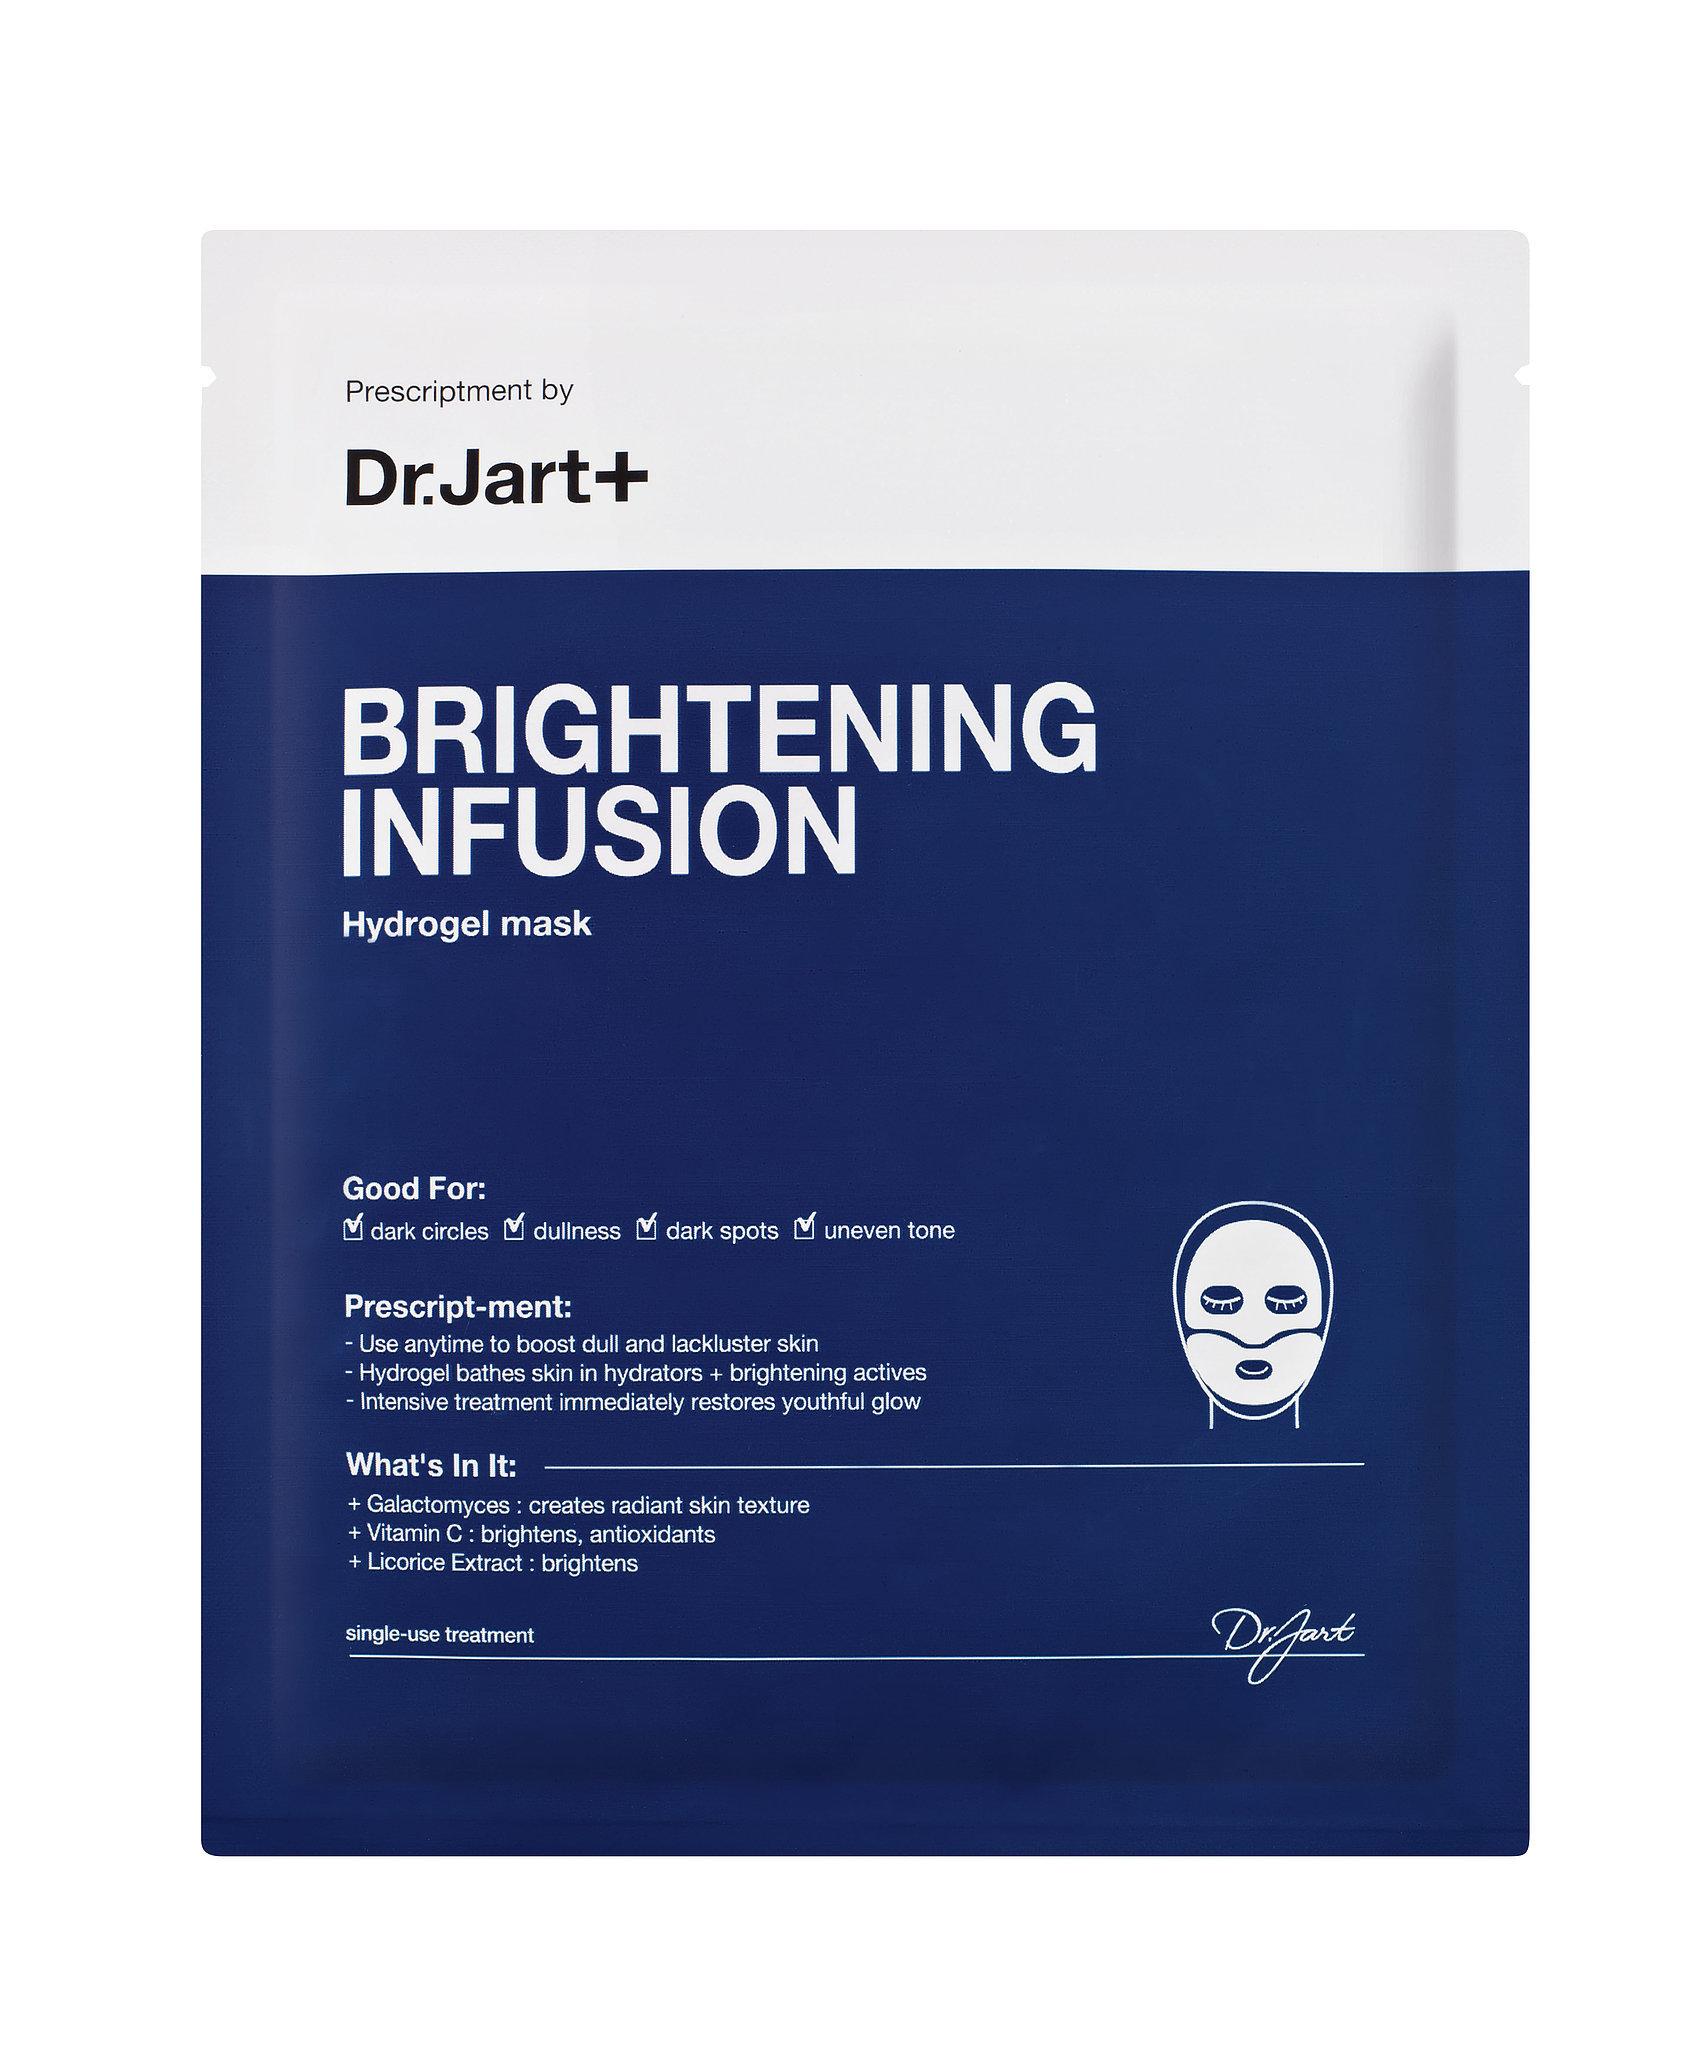 Mặt nạ Dr. jart + Brightening infusion hydrogel mask được nhiều chị em đánh giá là mỹ phẩm giá rẻ chất lượng tốt